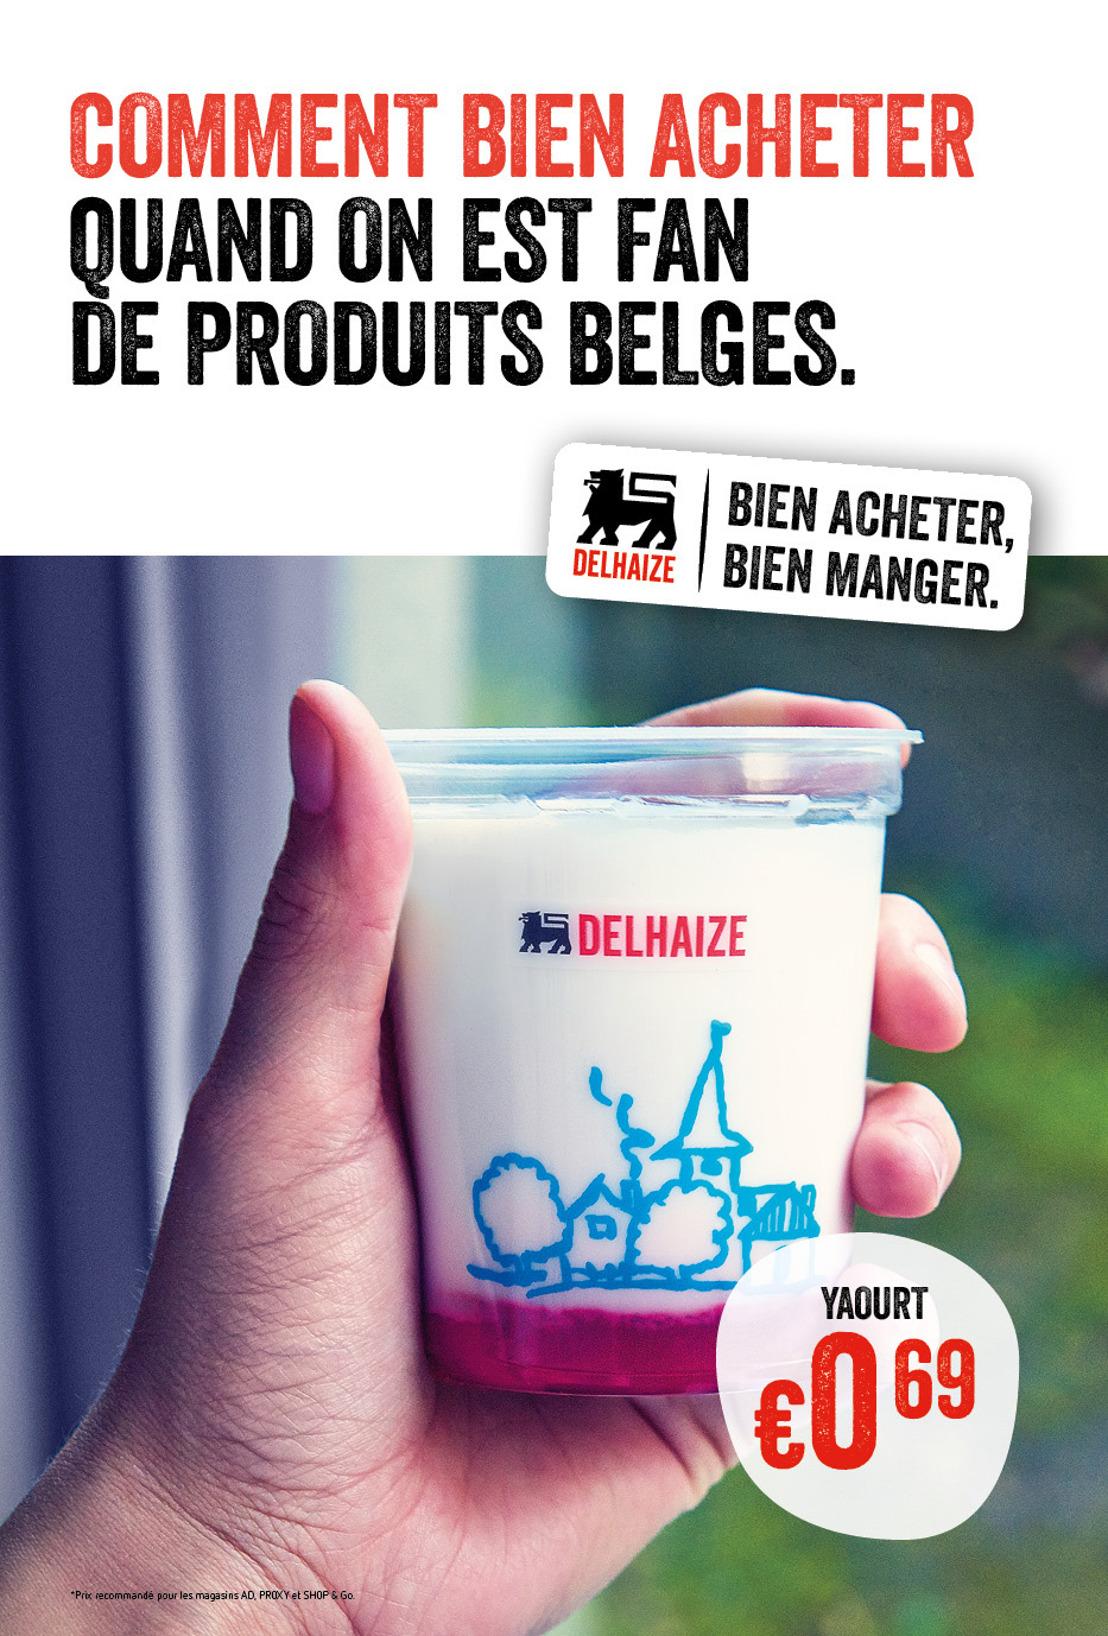 Delhaize vient d'être élu  'Retailer of the year 2015' et déballe maintenant sa nouvelle campagne de communication surprenante.